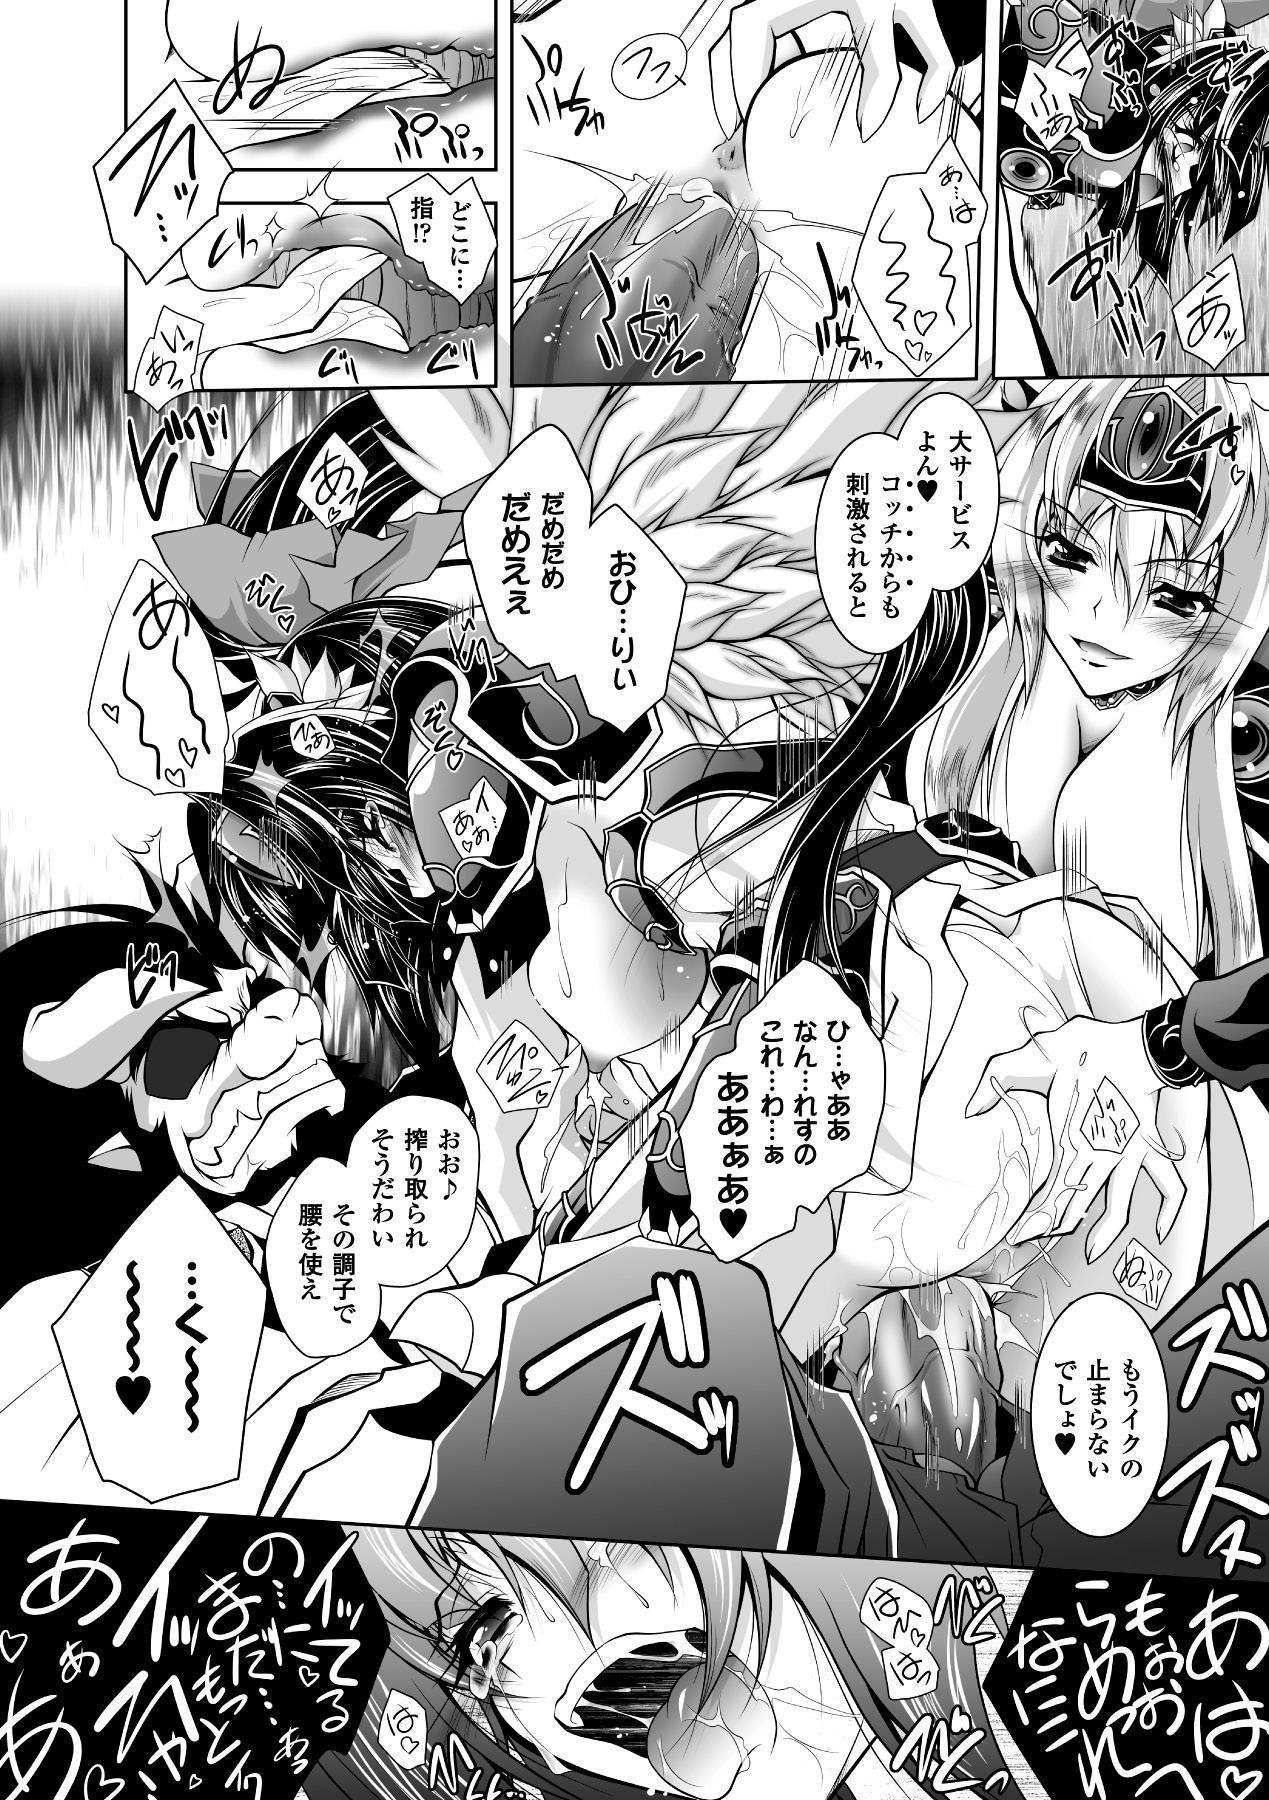 [Parfait] Mesu Inu no Tooboe ~Injyoku Elegy~ - The Howling Of A Bitch [Digital] 39